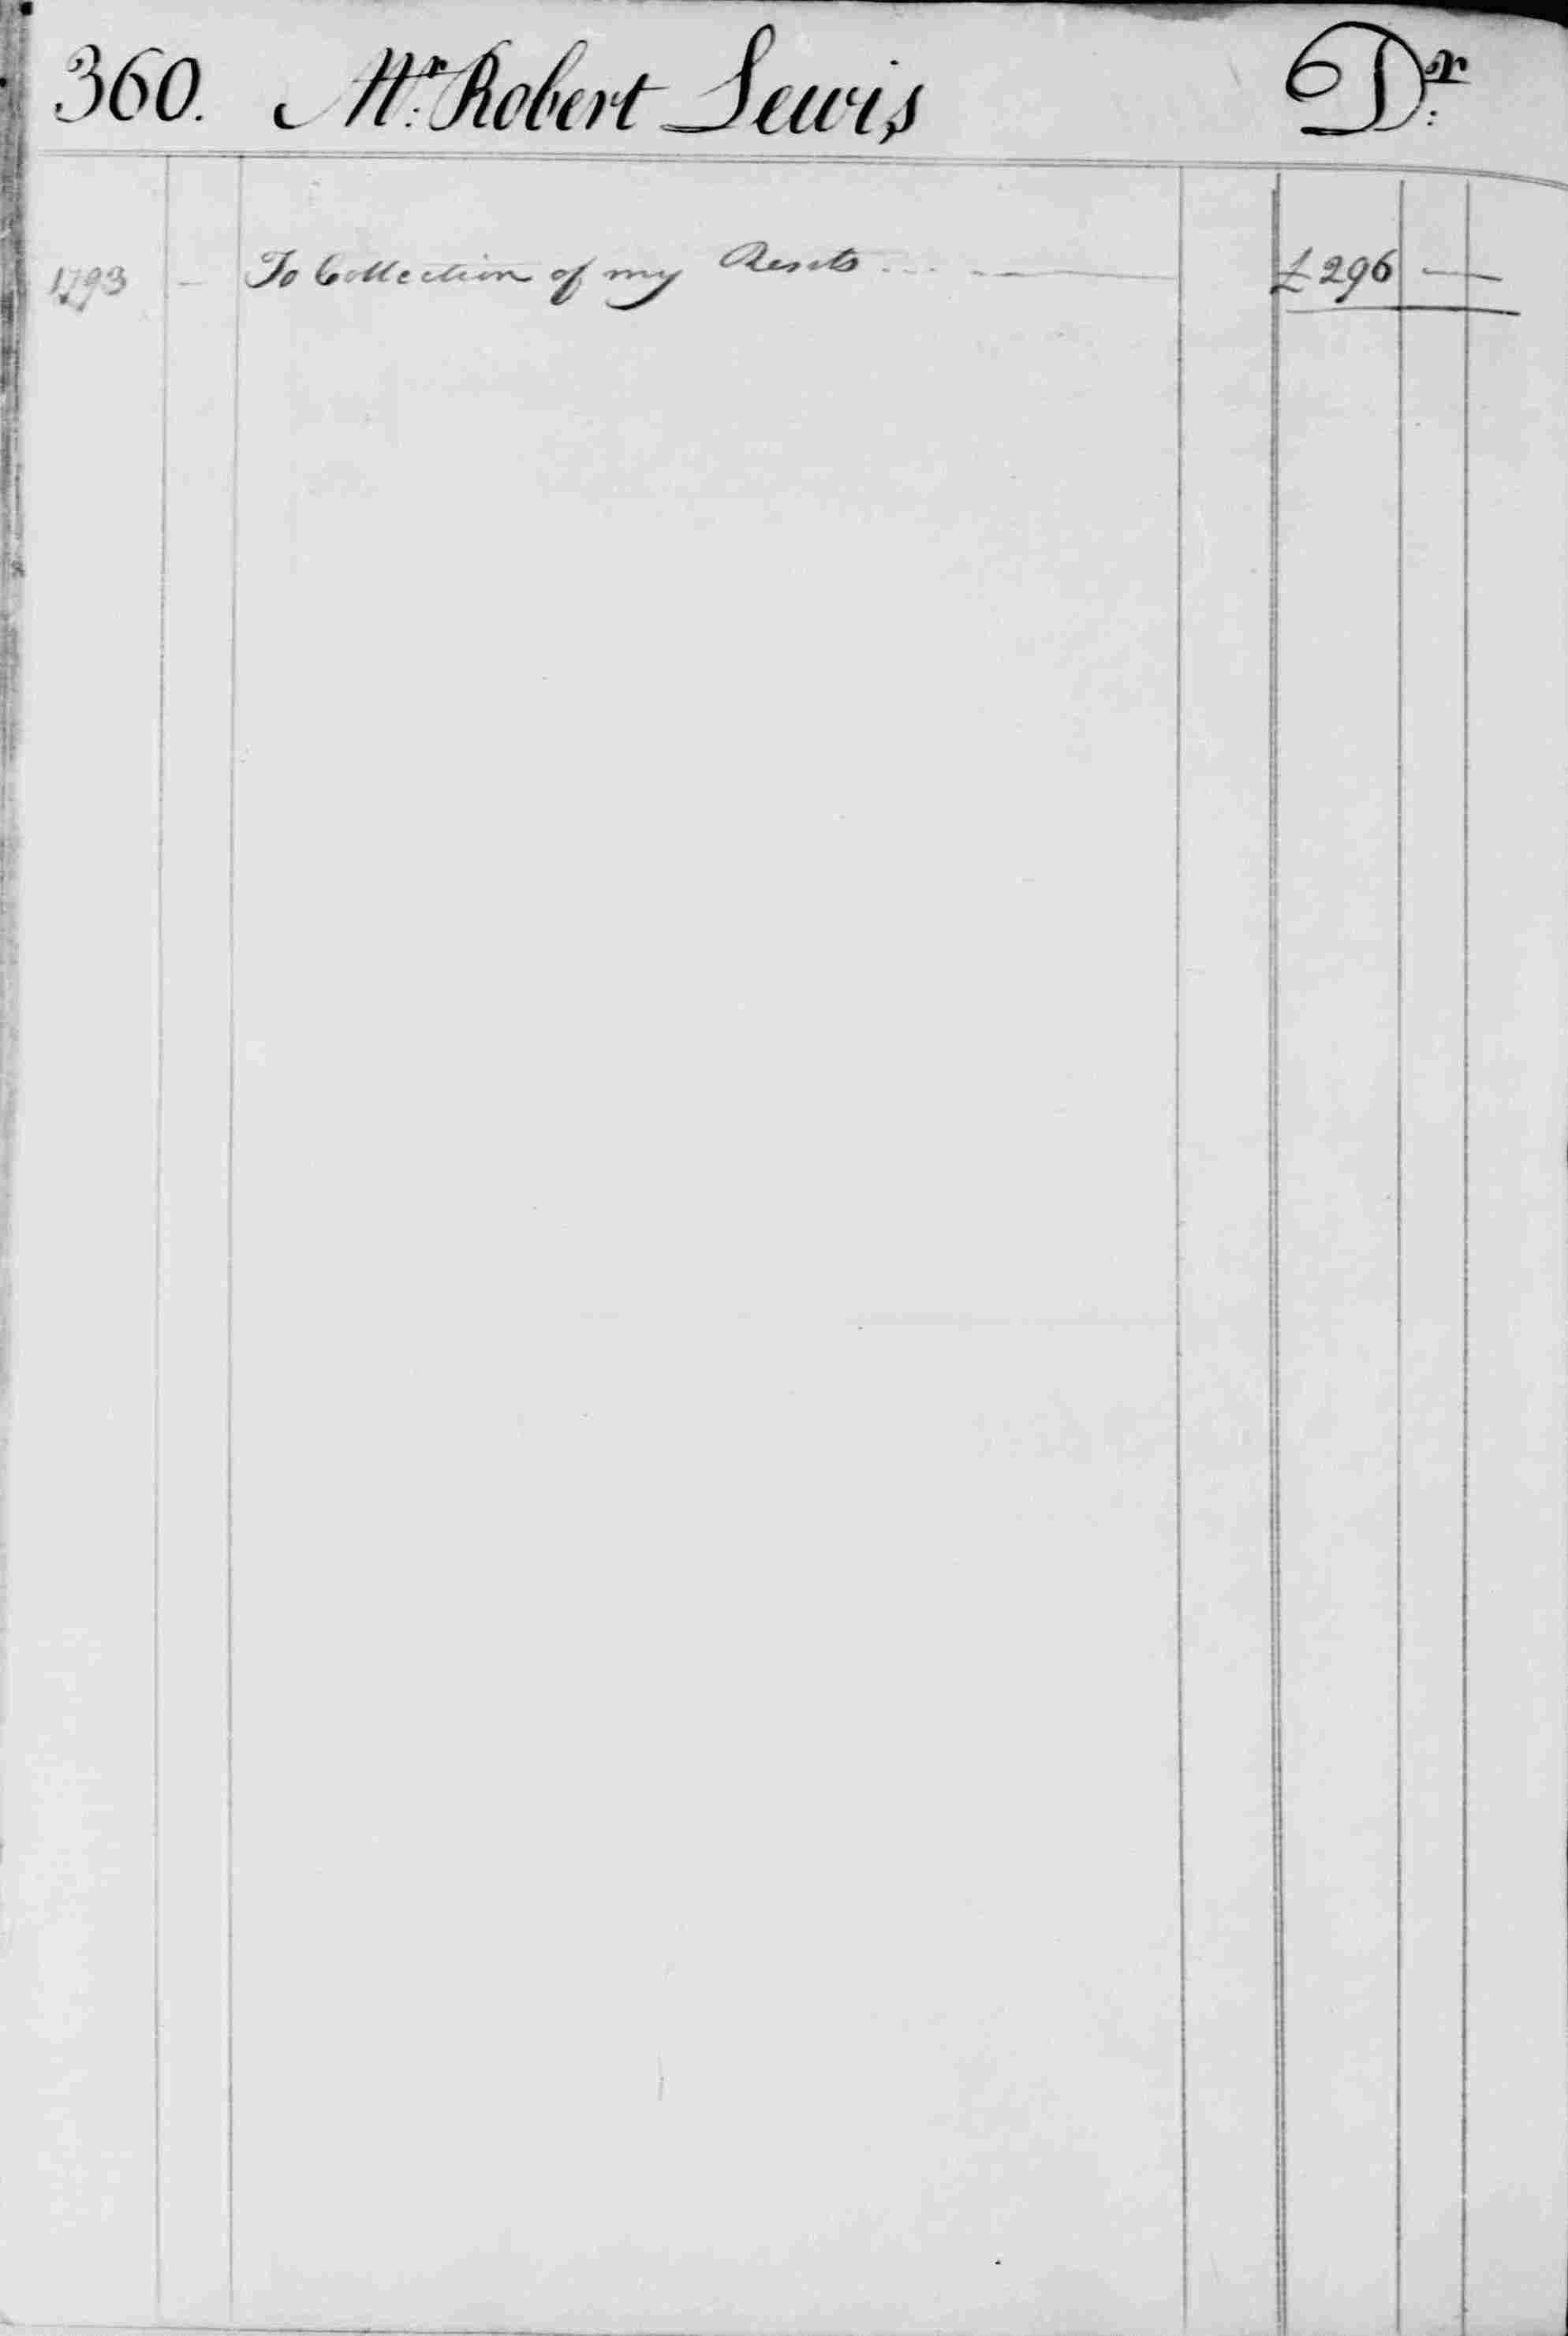 Ledger B, folio 360, left side